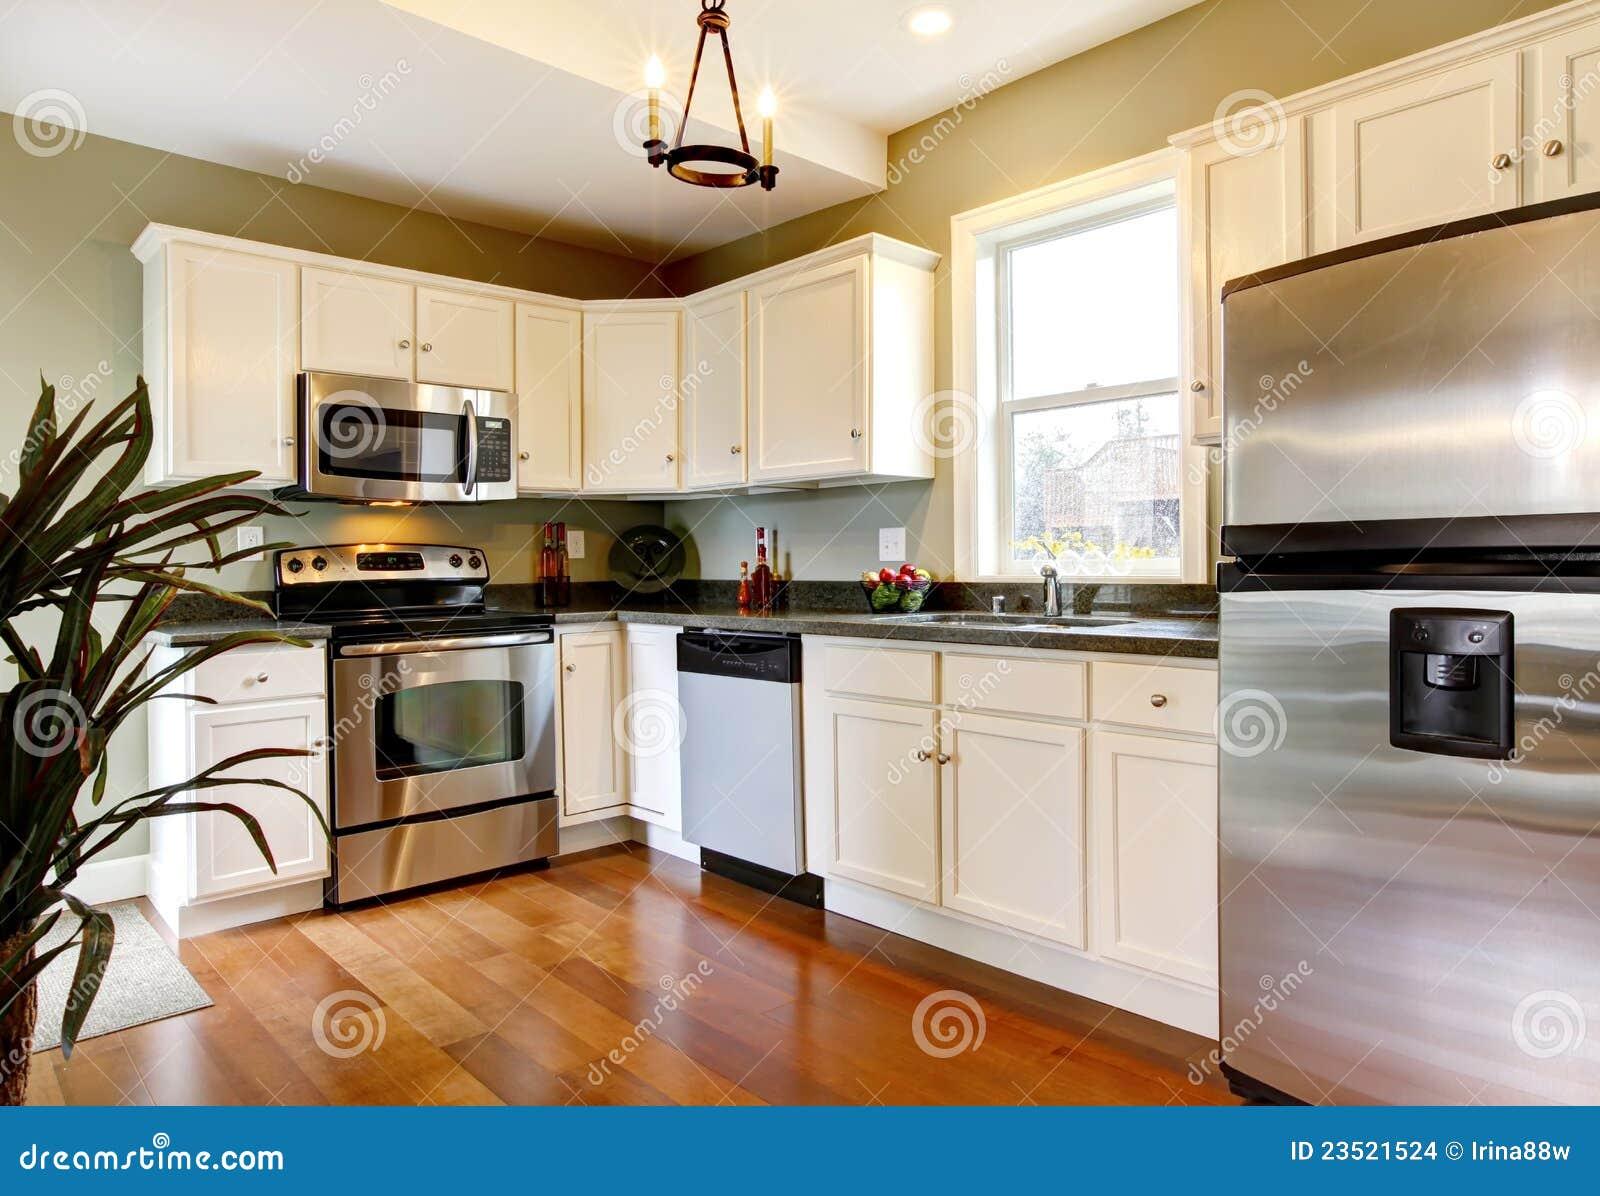 Immagini Cucine Bianche E Rosse : Foto cucine bianche e rosse ...